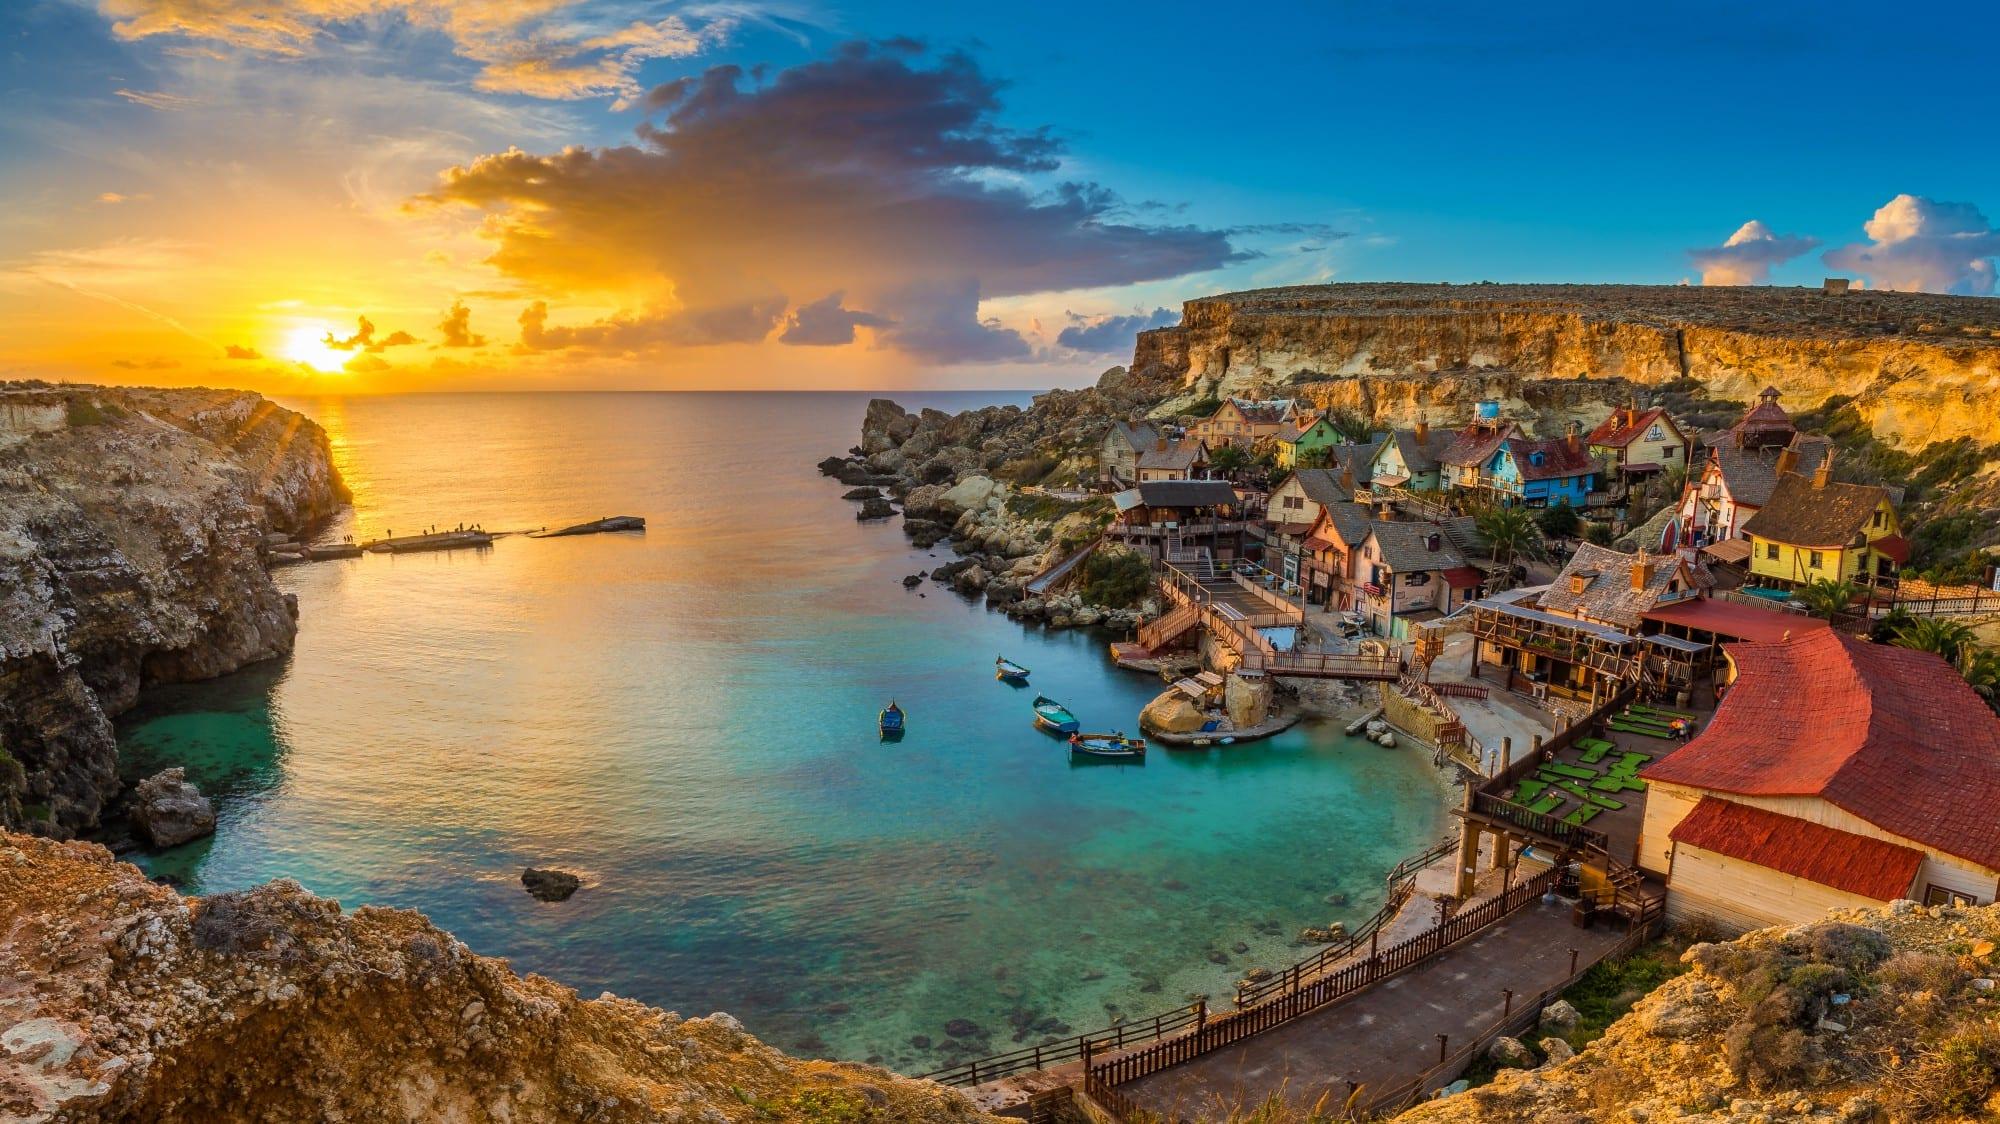 Bittrex Launches International Crypto Platform In Malta